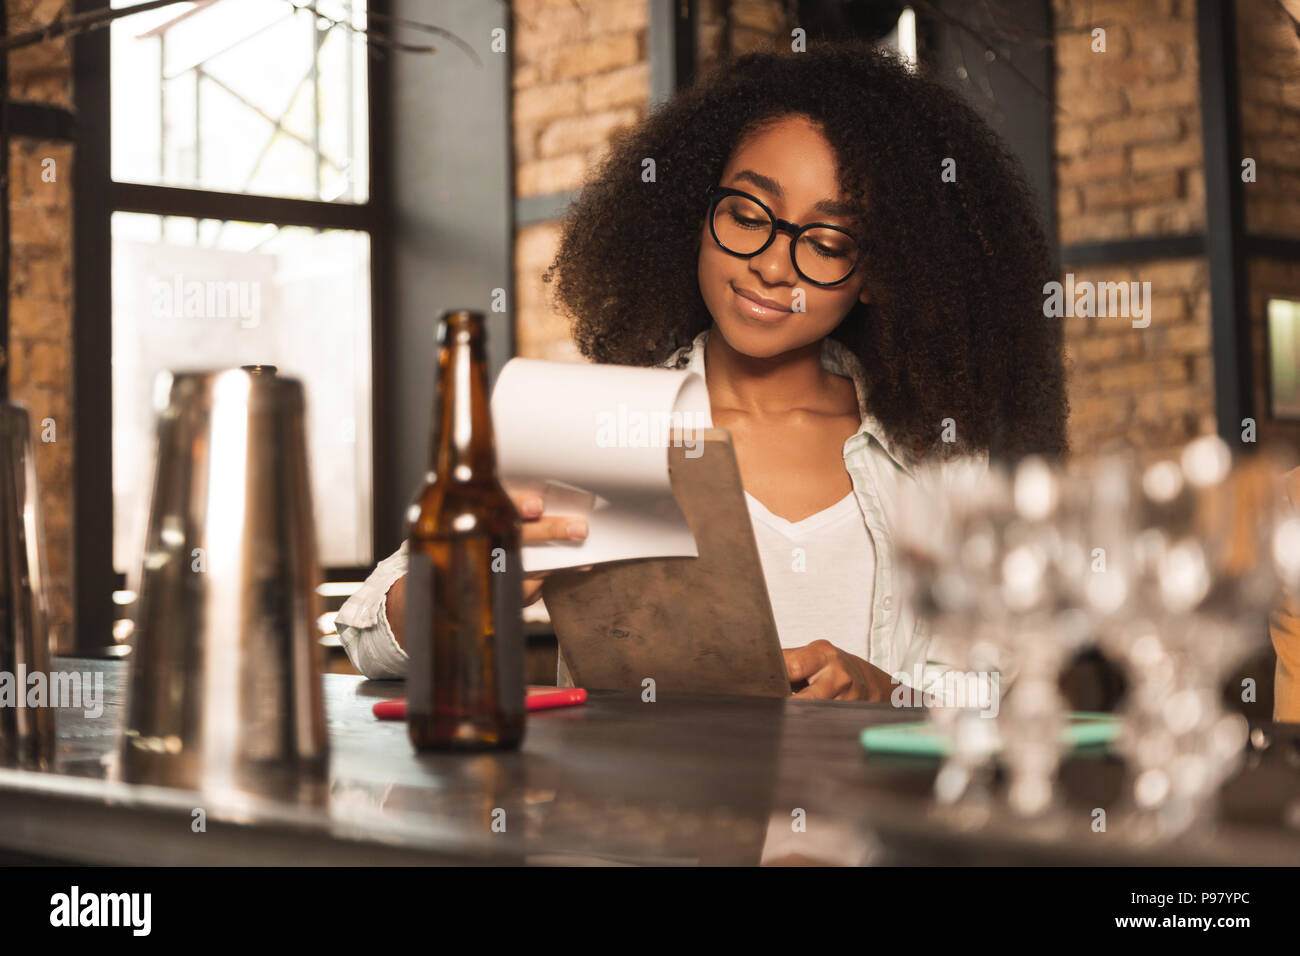 Bella donna ricci guardando attraverso il menu in pub Immagini Stock